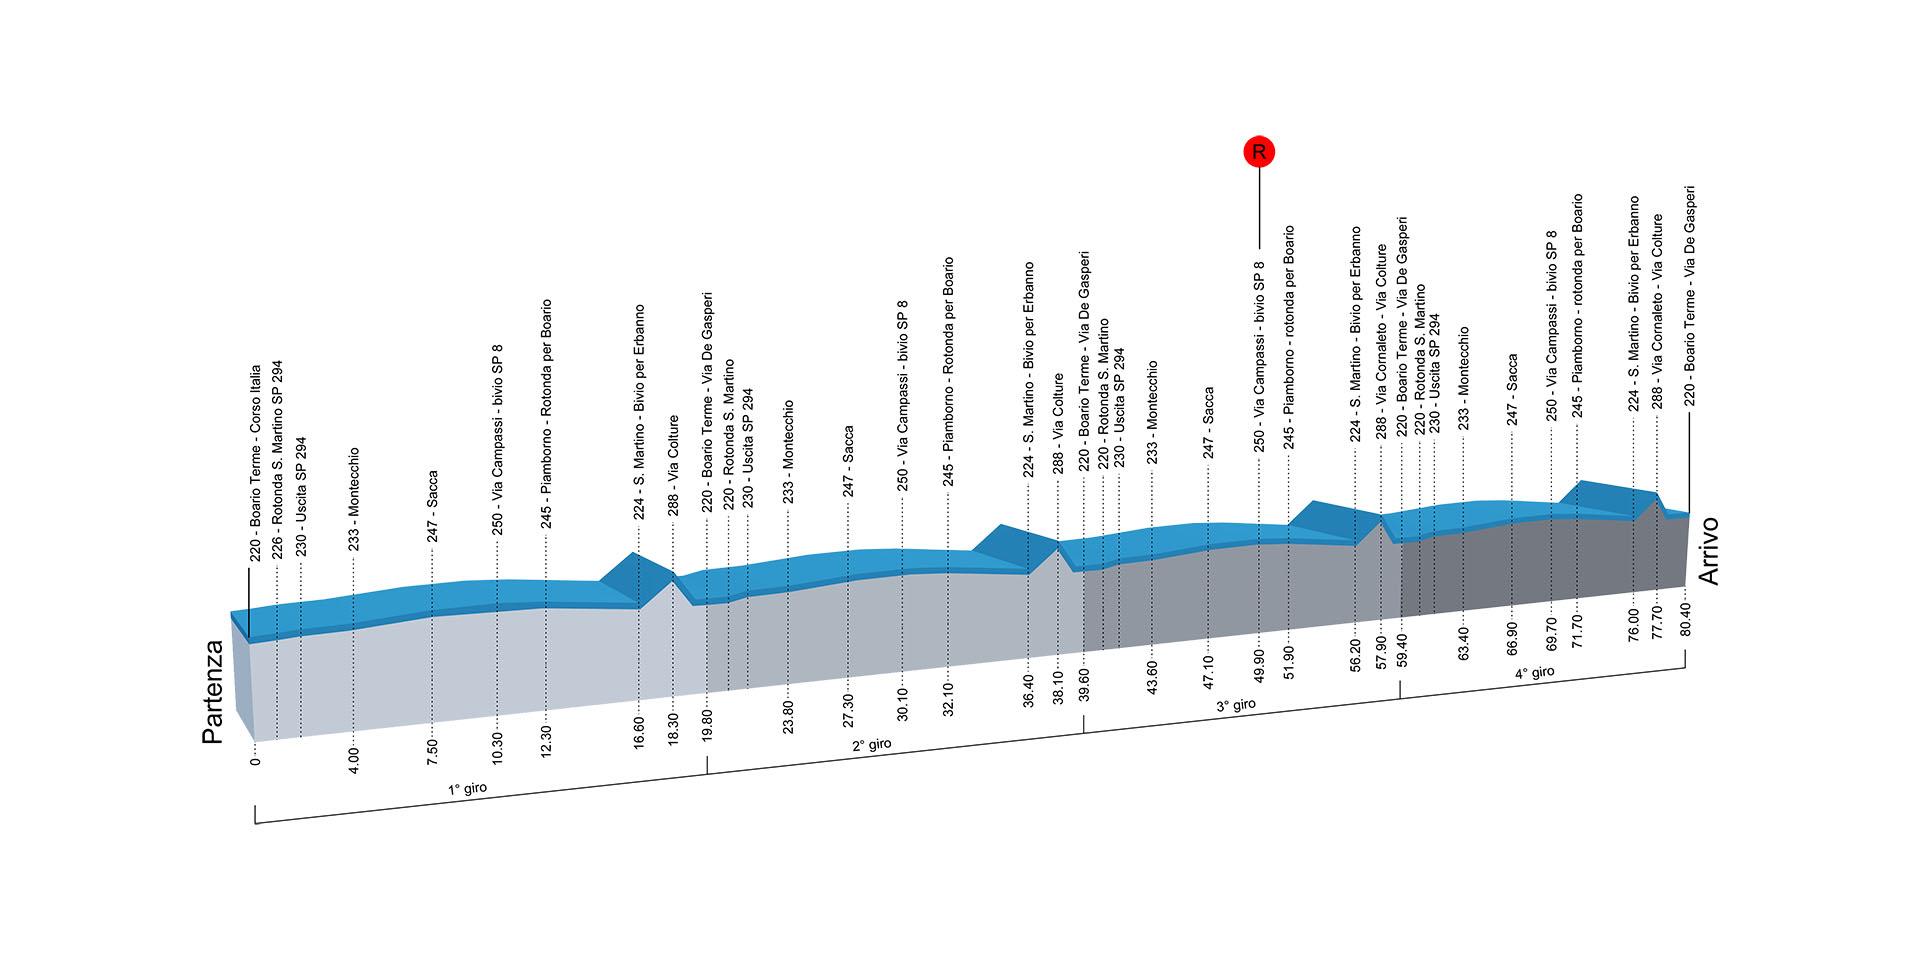 Altimetrie campionati italiani ciclismo 2016  donne elite